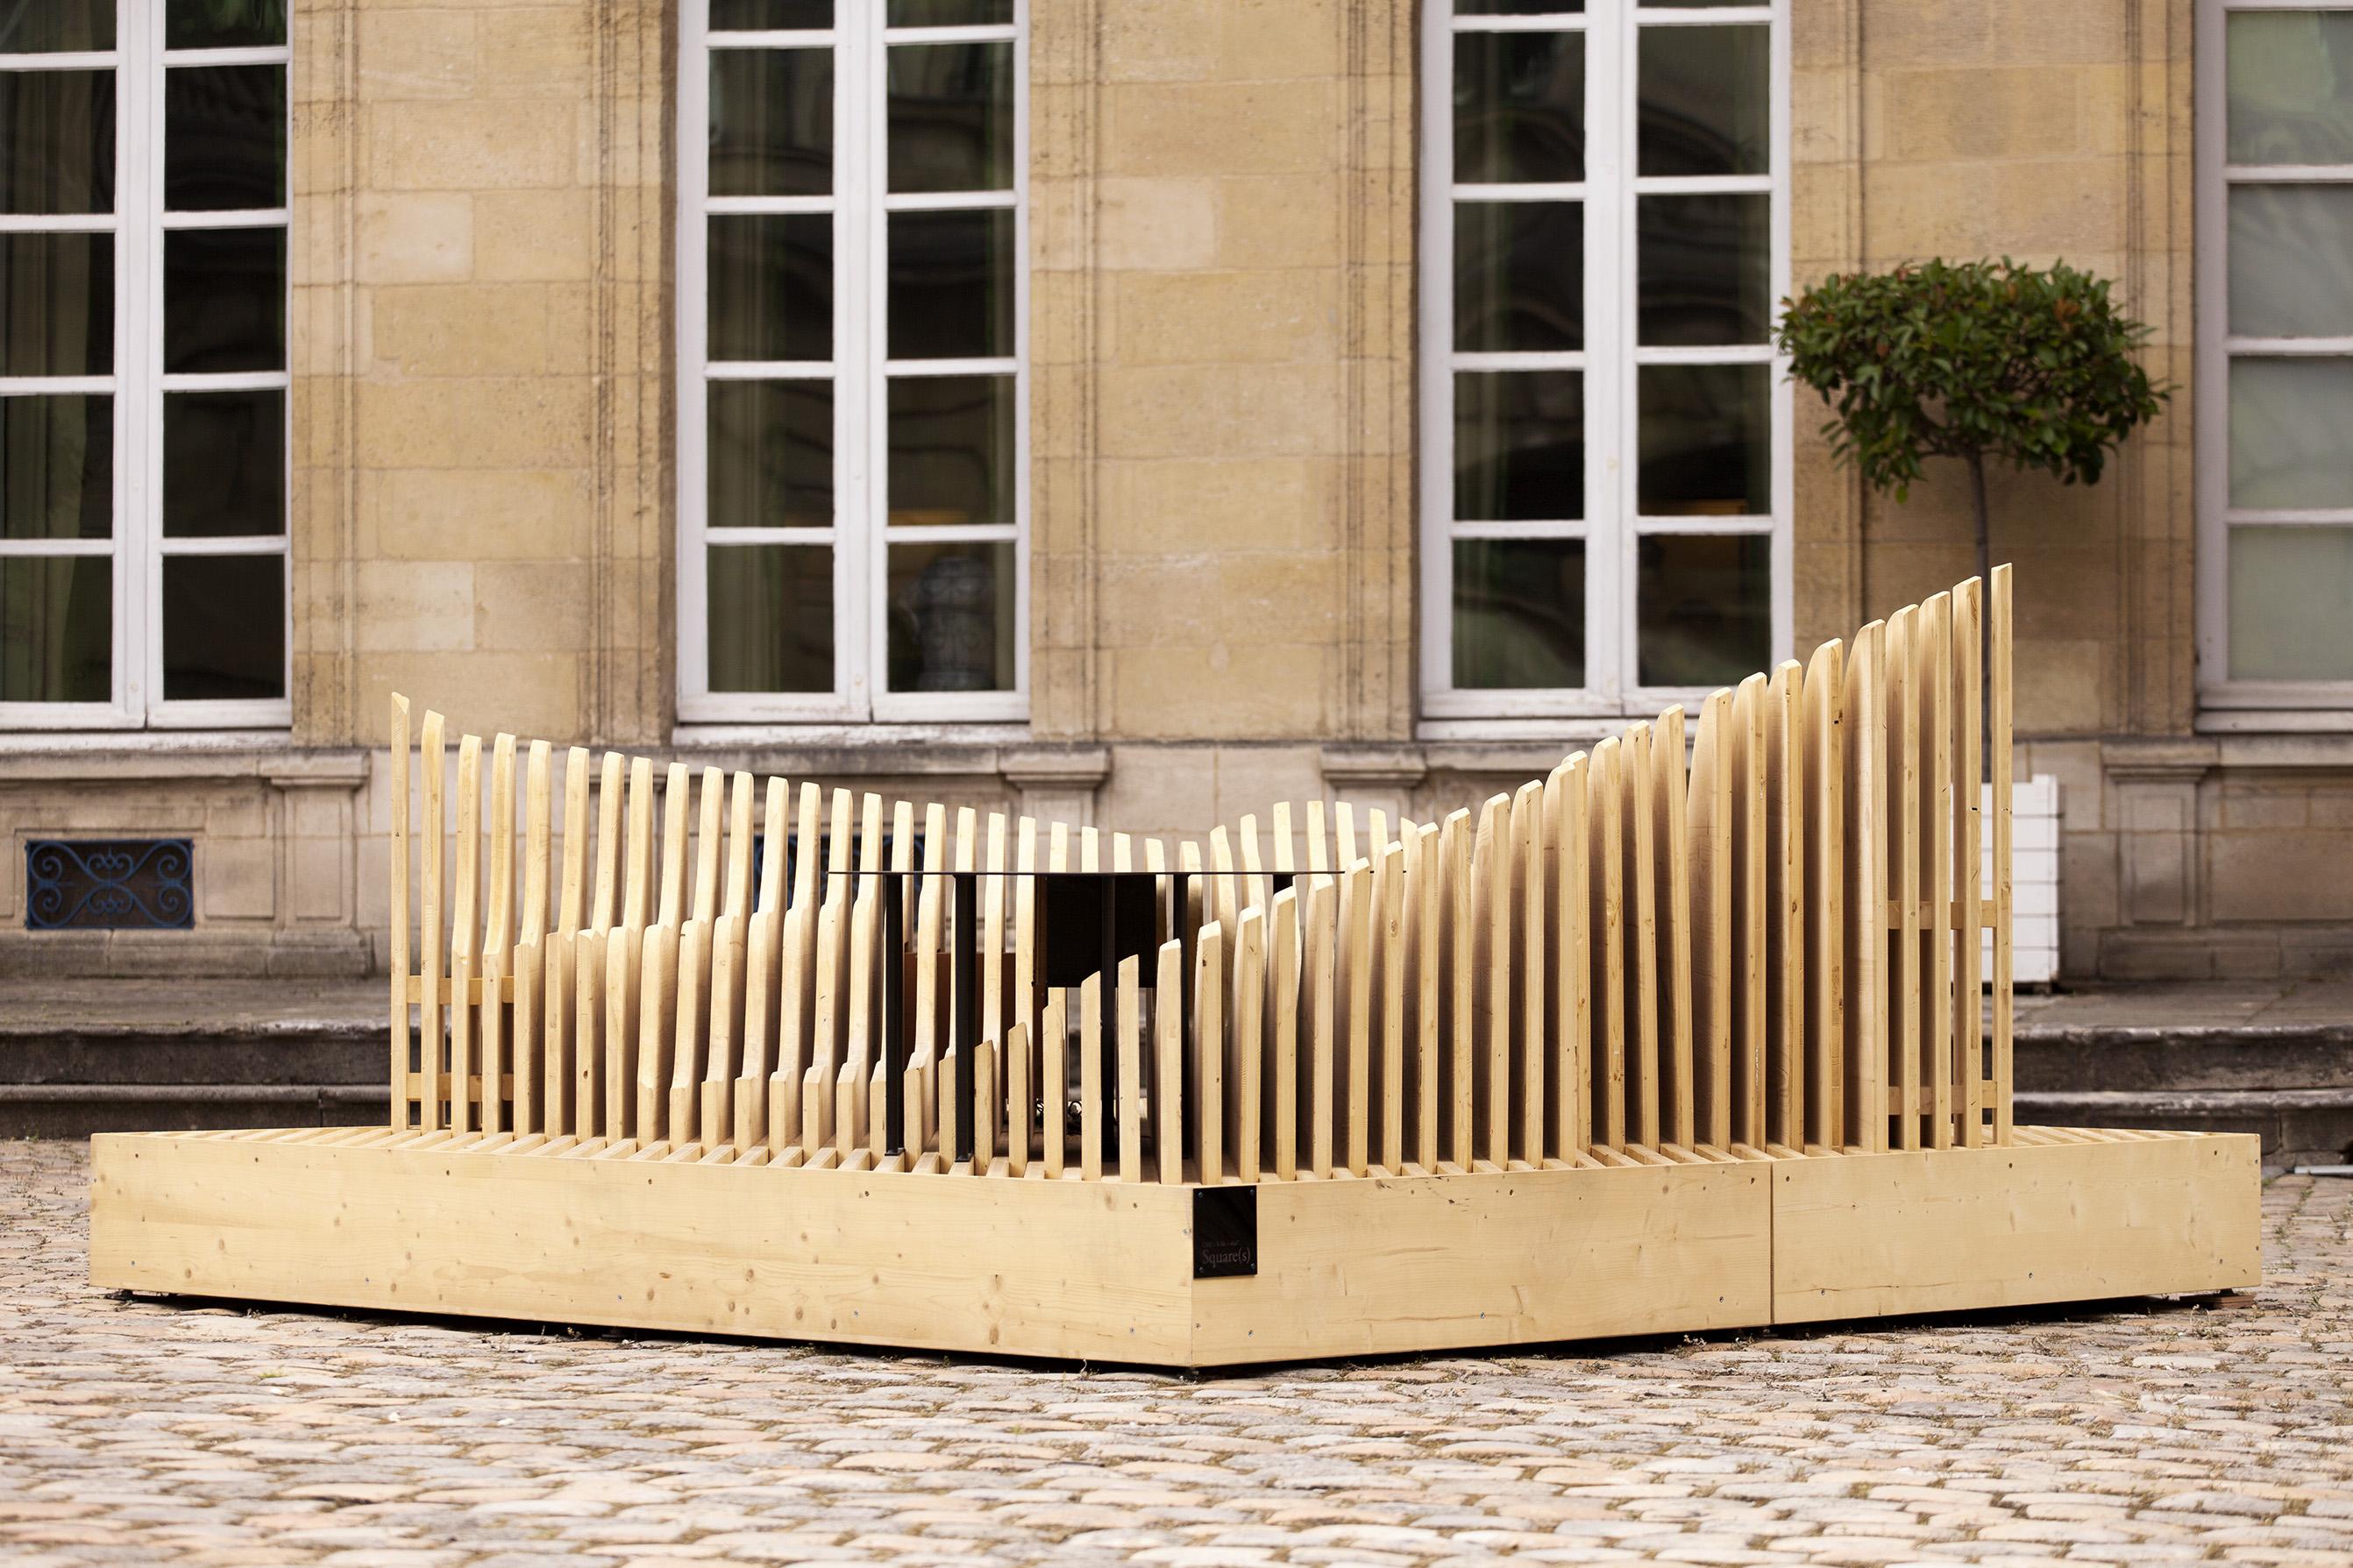 Square (s) - Musée des Arts décoratifs et du Design, Bordeaux - été métropolitain - Duras